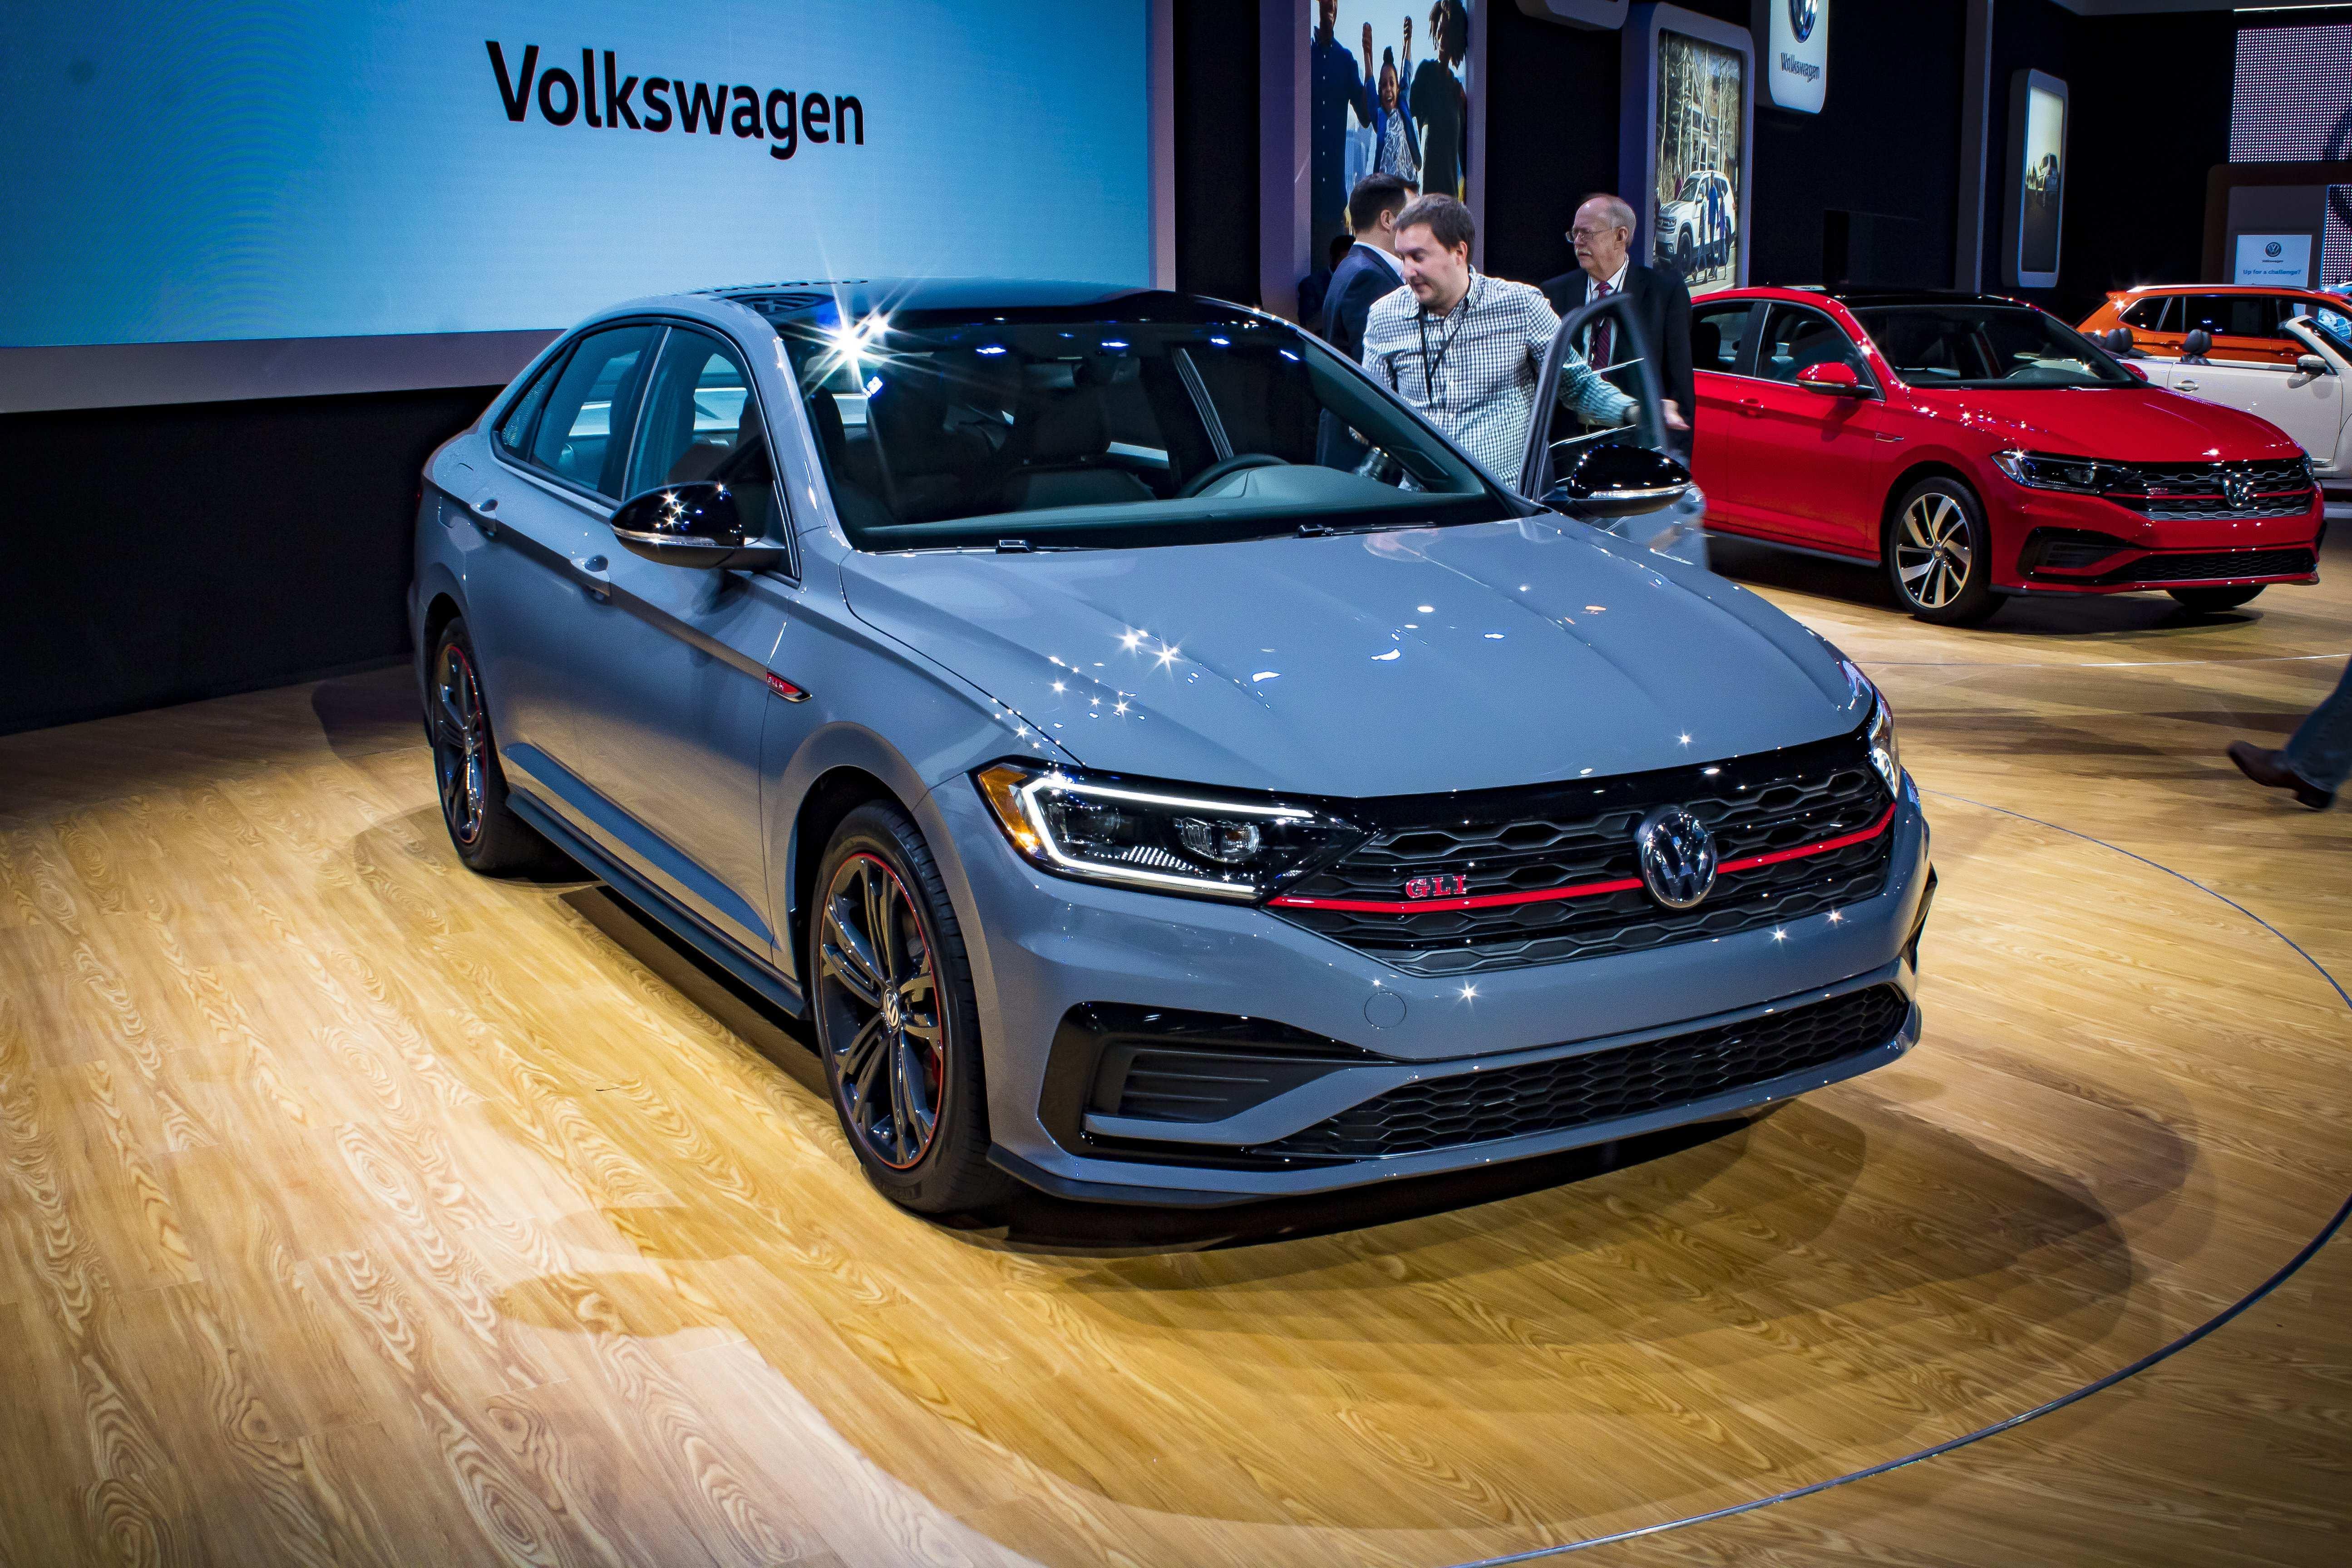 38 Great Volkswagen Jetta 2020 First Drive for Volkswagen Jetta 2020